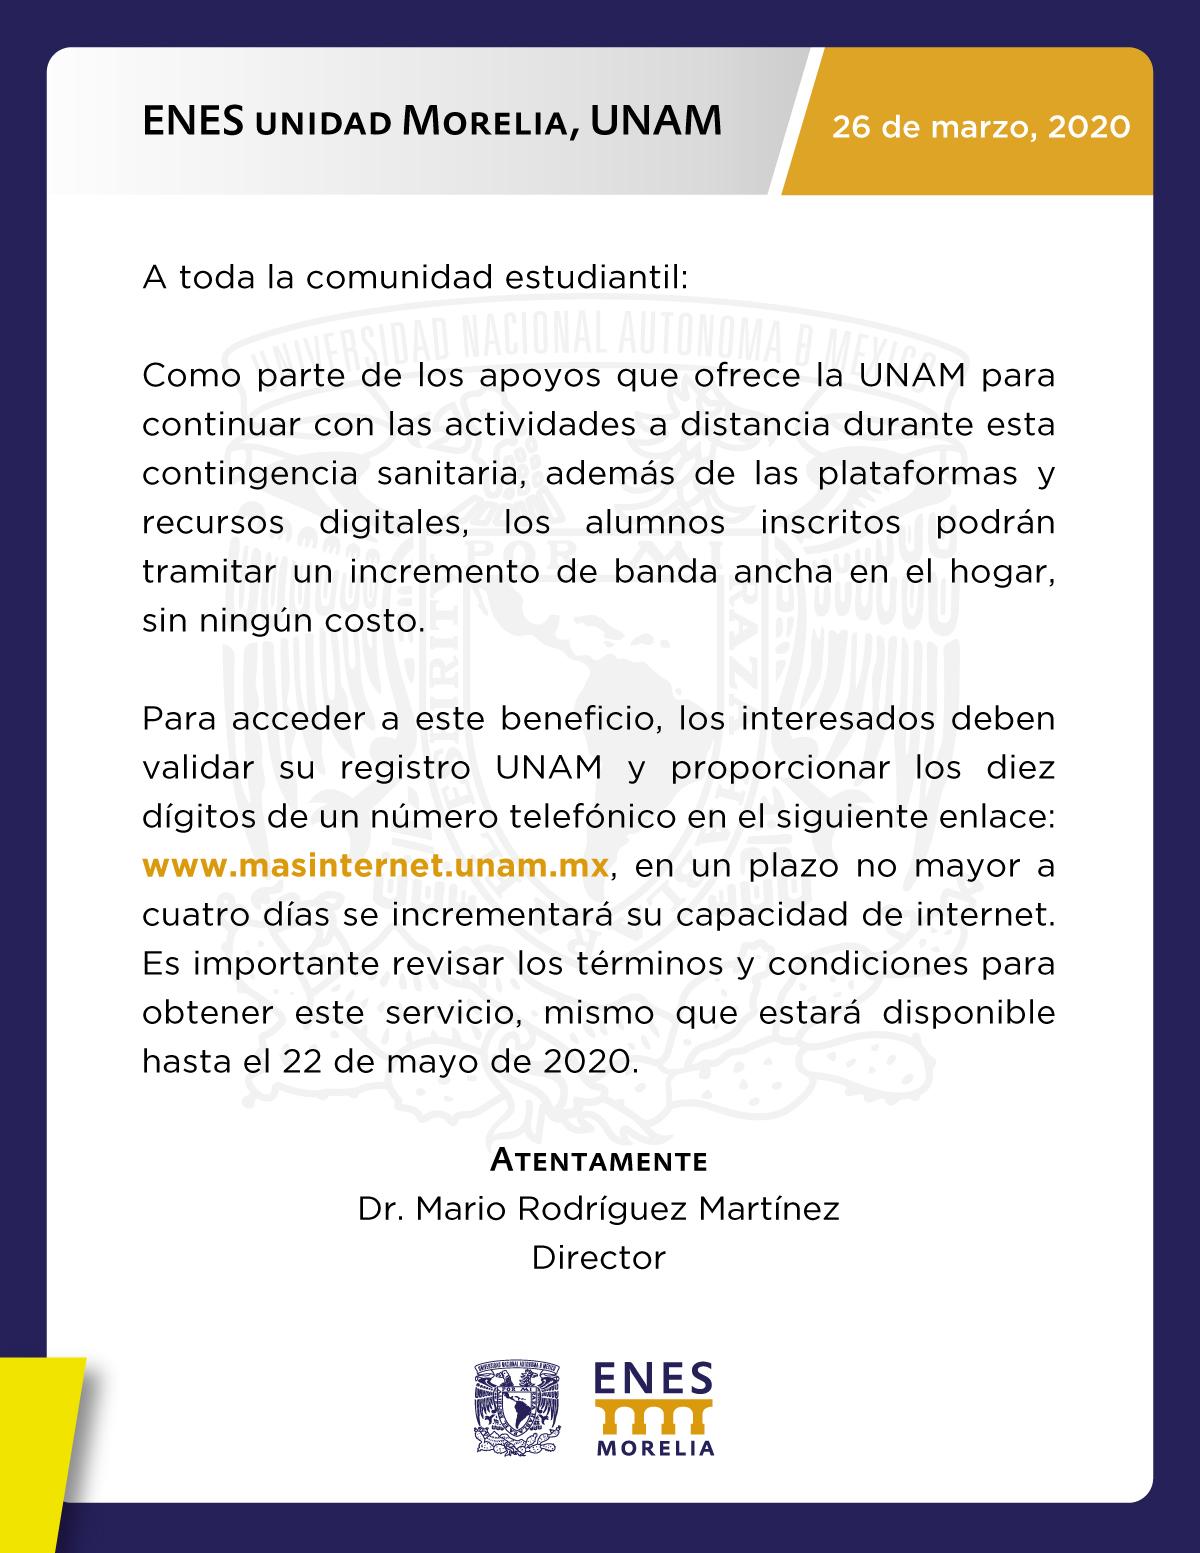 Comunicado-ENES-260320